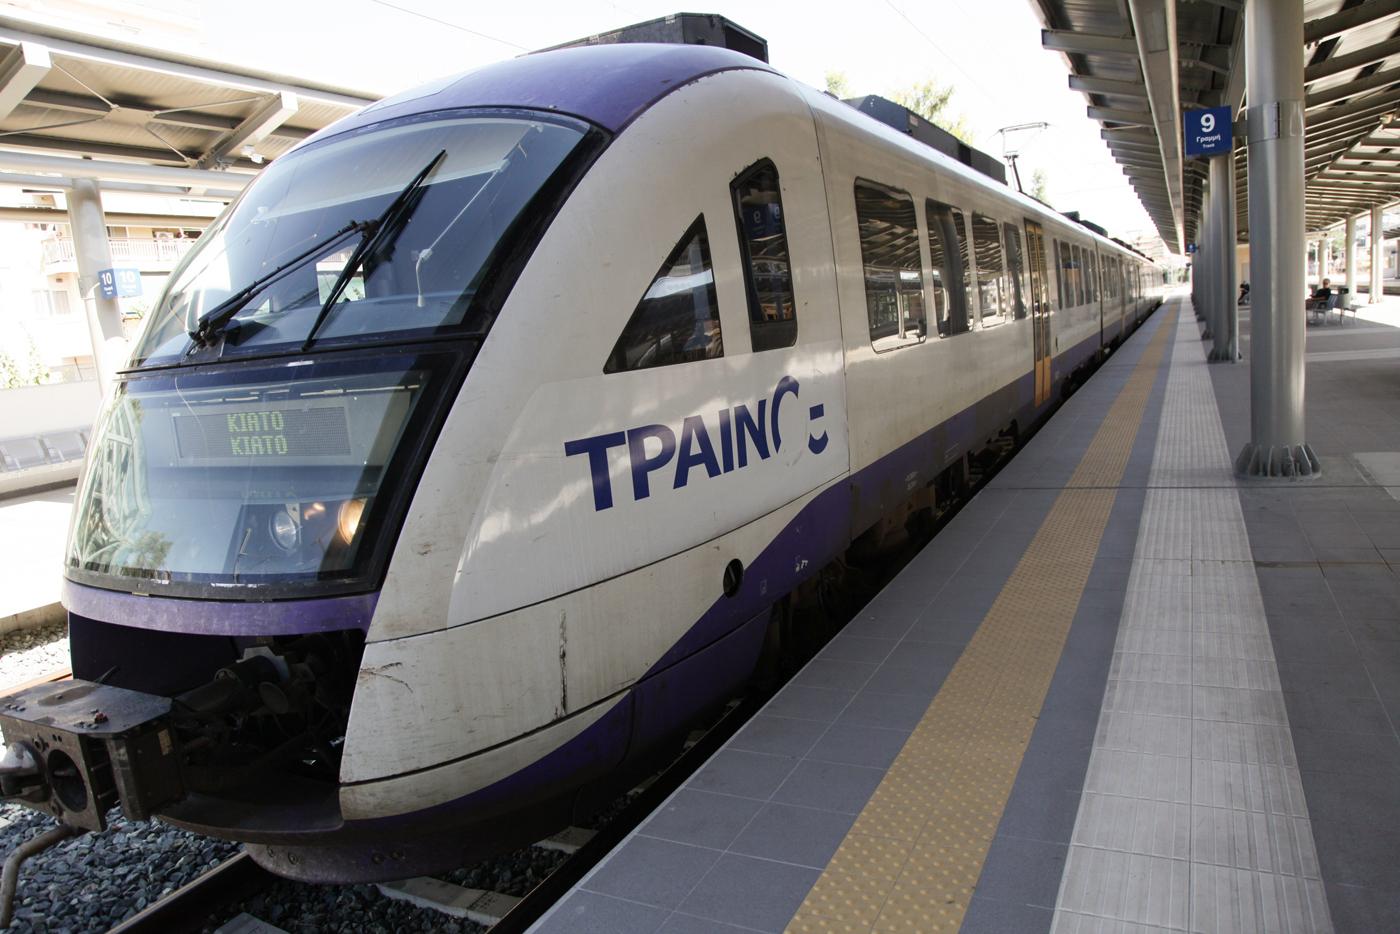 Поезд Пирей – Киато